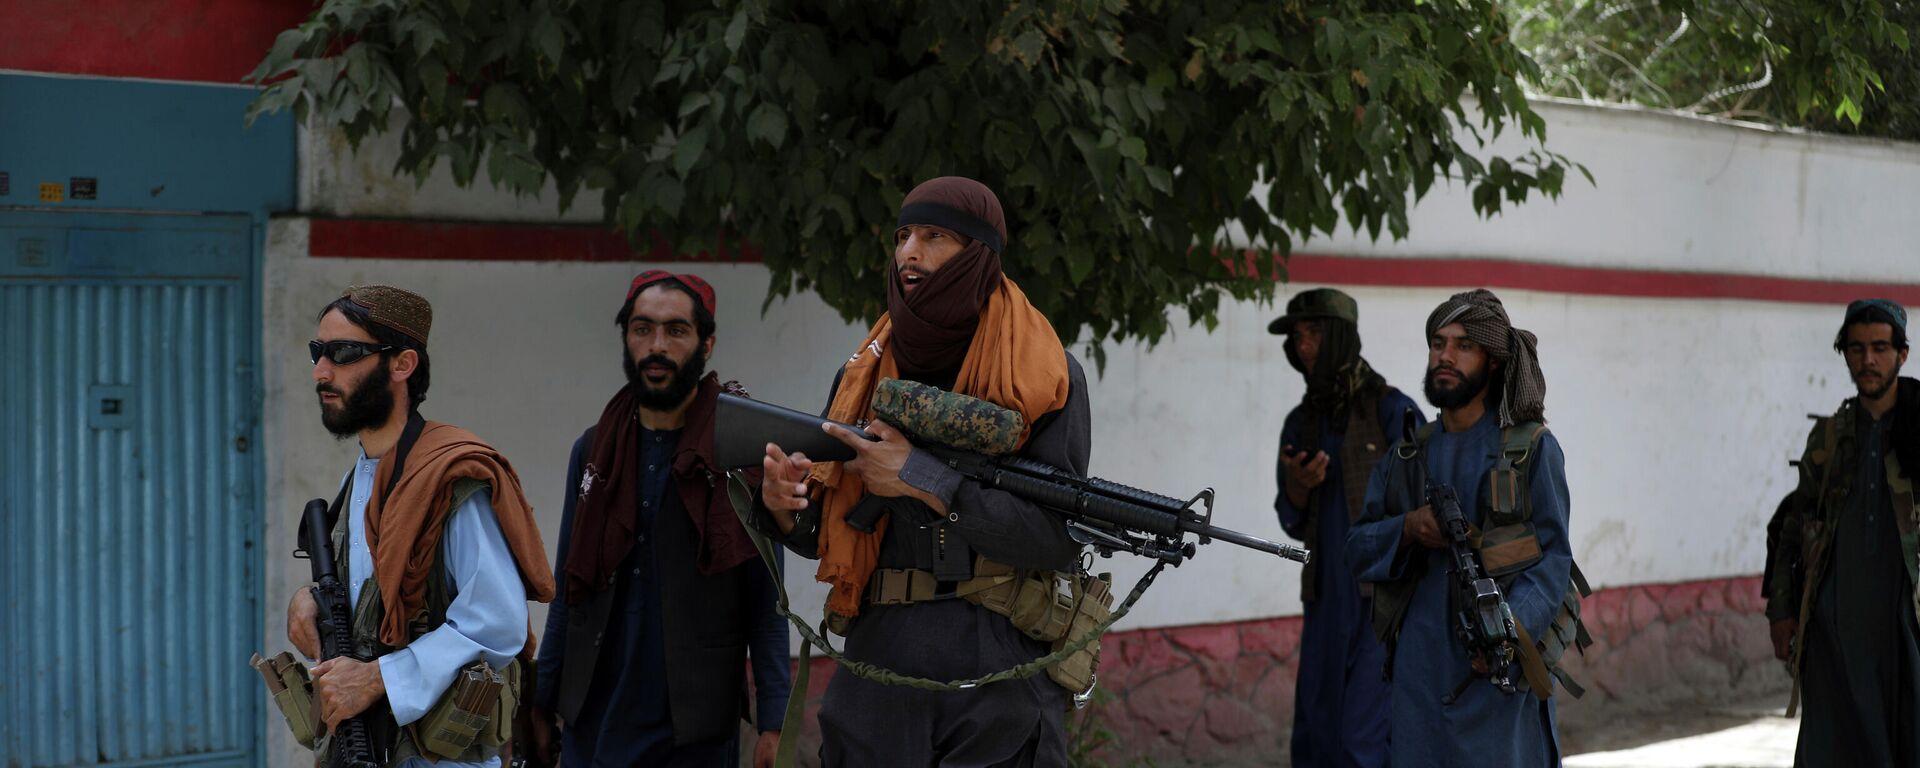 Αφγανιστάν: Οι Ταλιμπάν στην Καμπούλ - Sputnik Ελλάδα, 1920, 29.08.2021